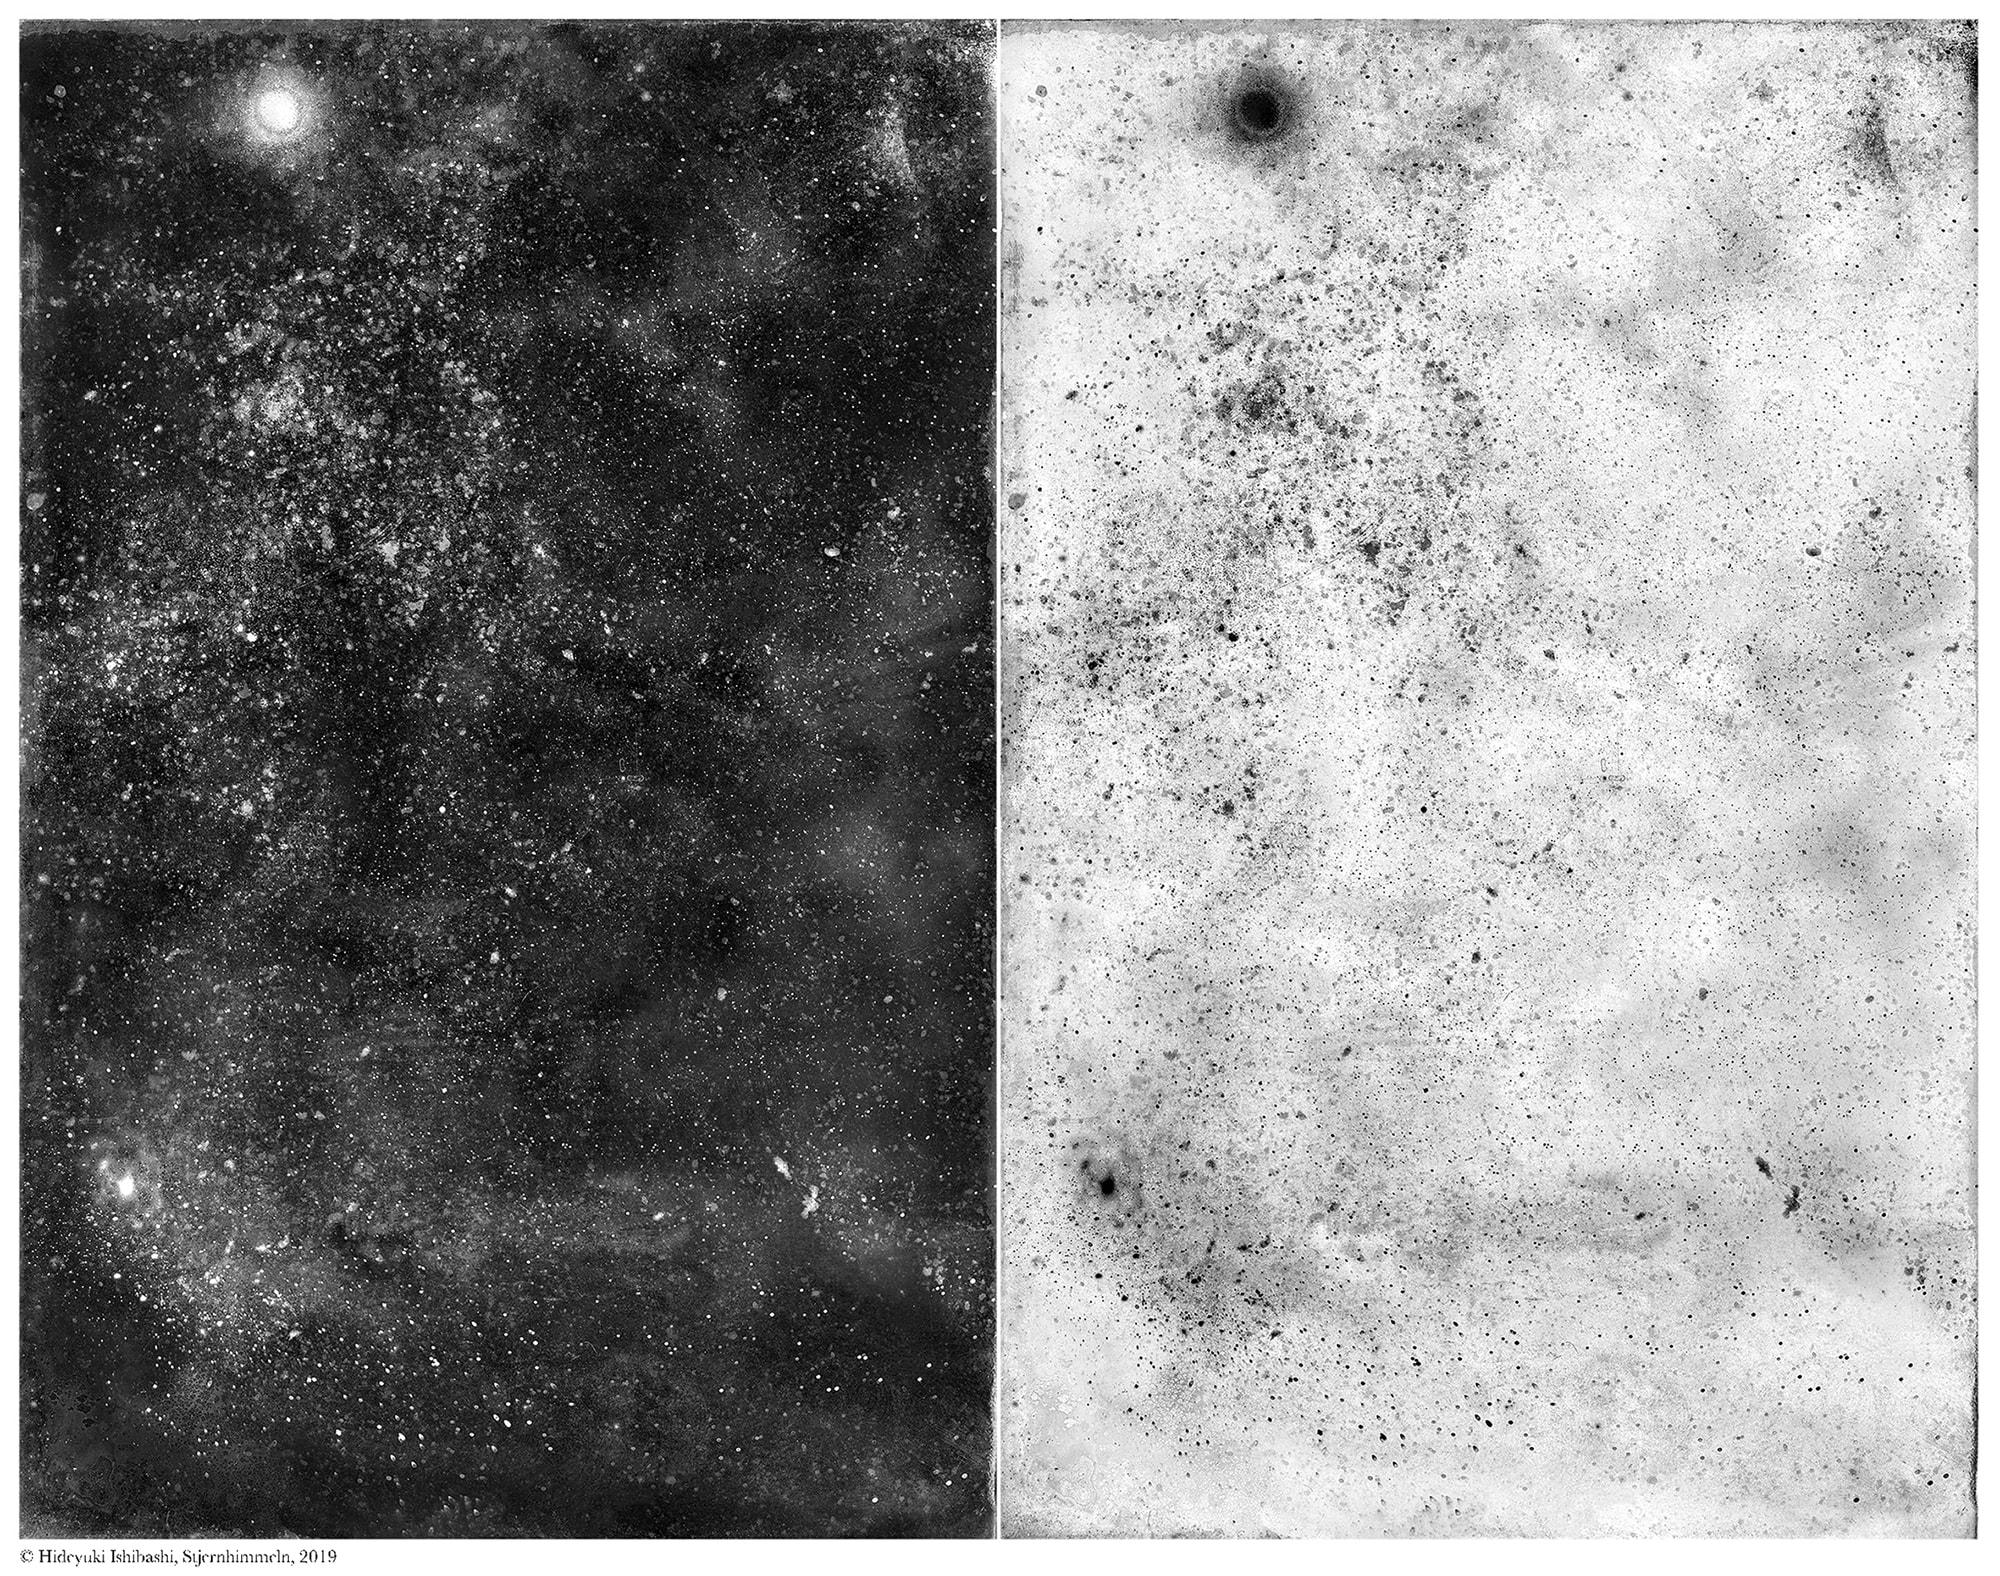 石橋英之「古典技法とテクノロジーを駆使するコンセプチュアルアーティスト」 | Poussières d'étoiles #01, Stjernhimmeln, glass wet plate collodion with led light, variable dimension, 2019